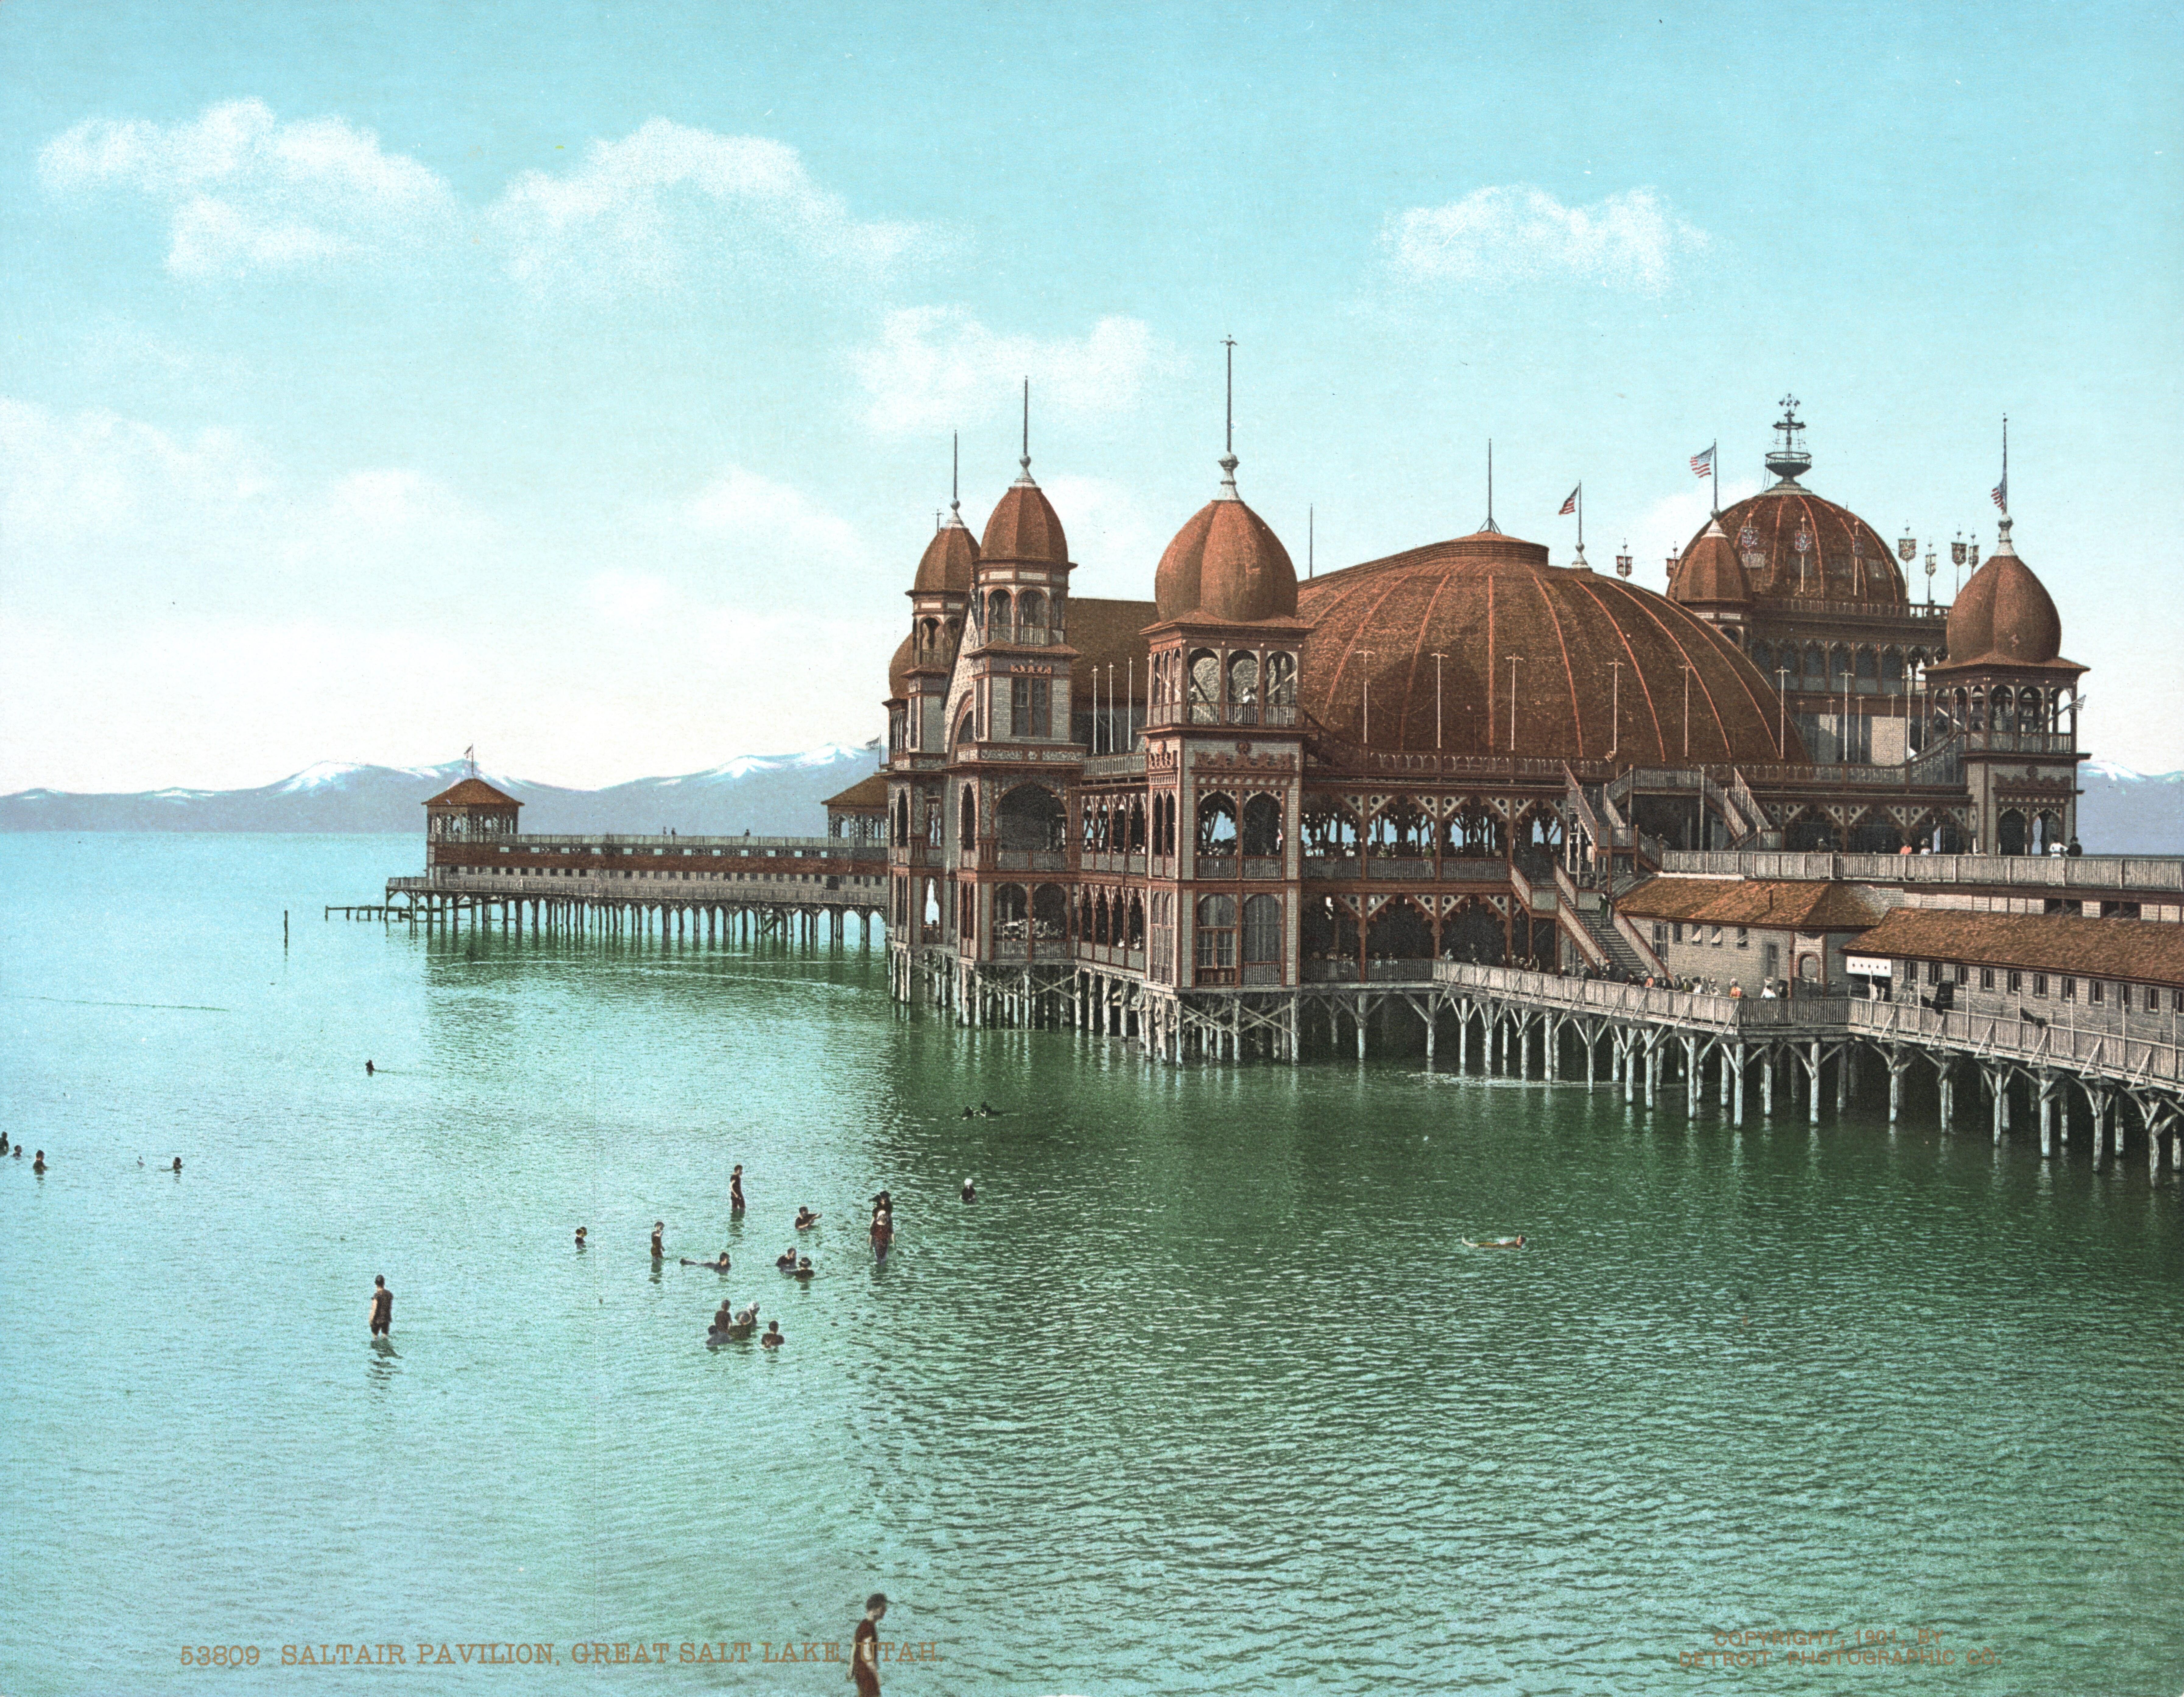 Saltair Pavilion Ca. 1900, Salt Lake City, UT [7199 X 5583]